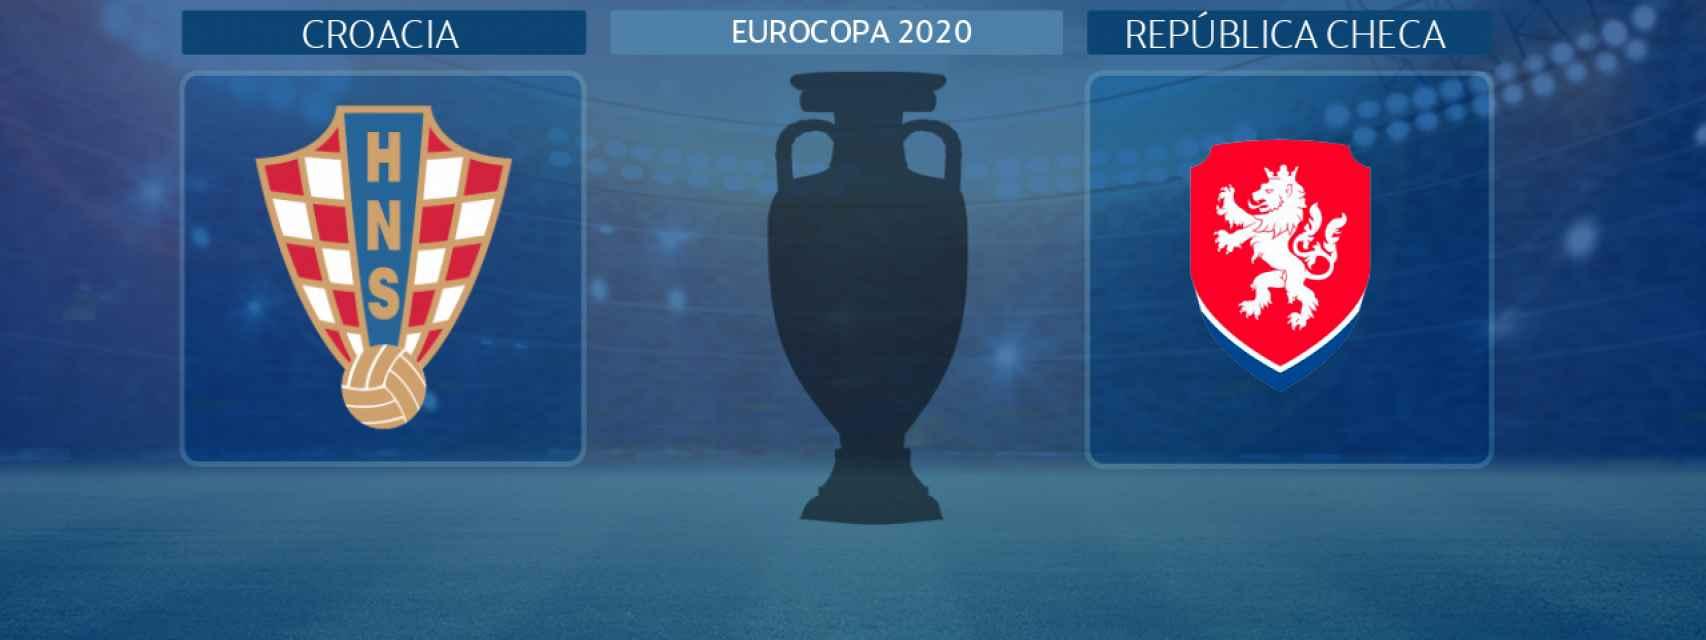 Croacia - República Checa, partido de la Eurocopa 2020